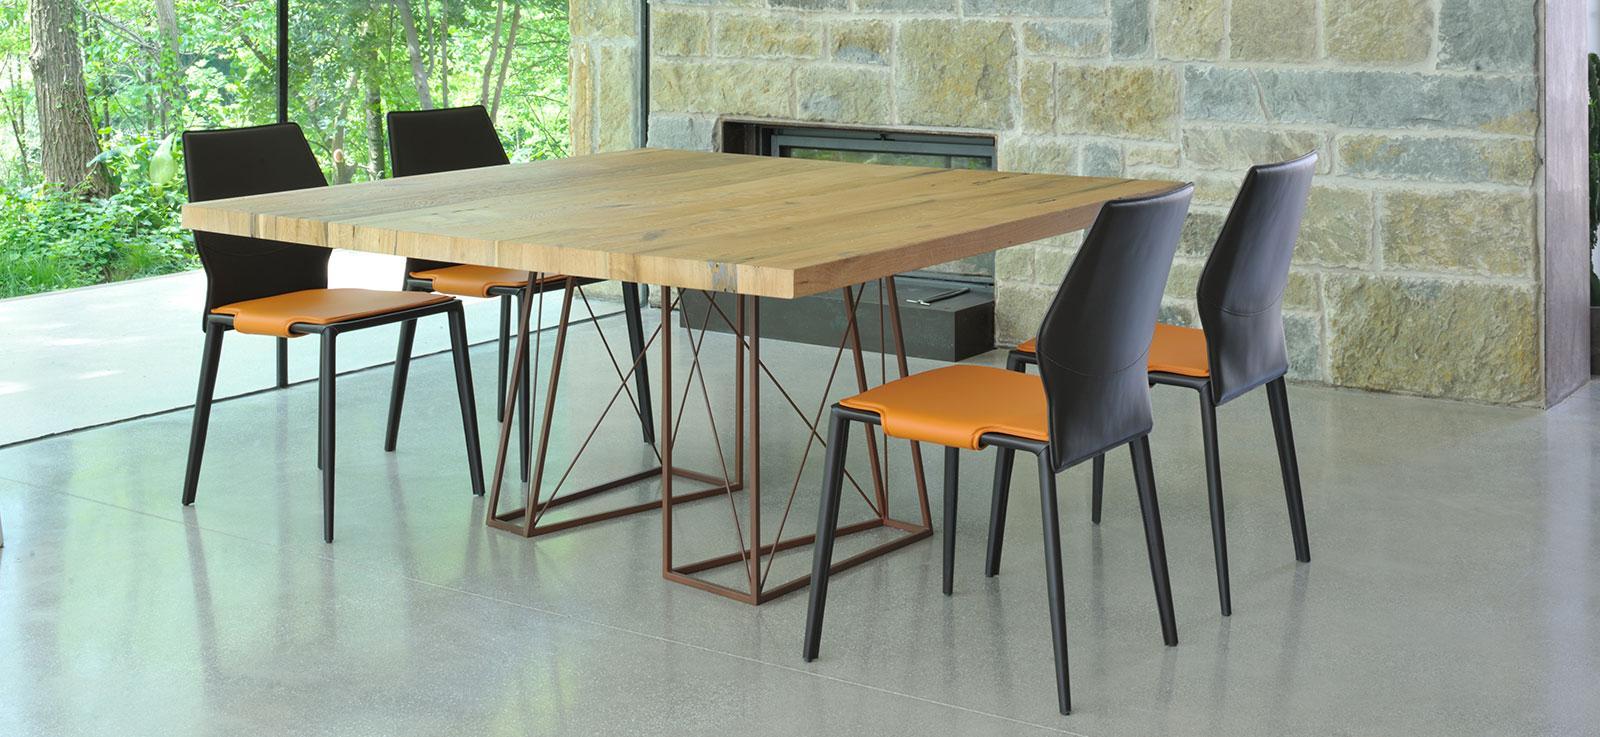 Roxy tavolo da pranzo in legno di Briccola di Venezia - Italy Dream Design